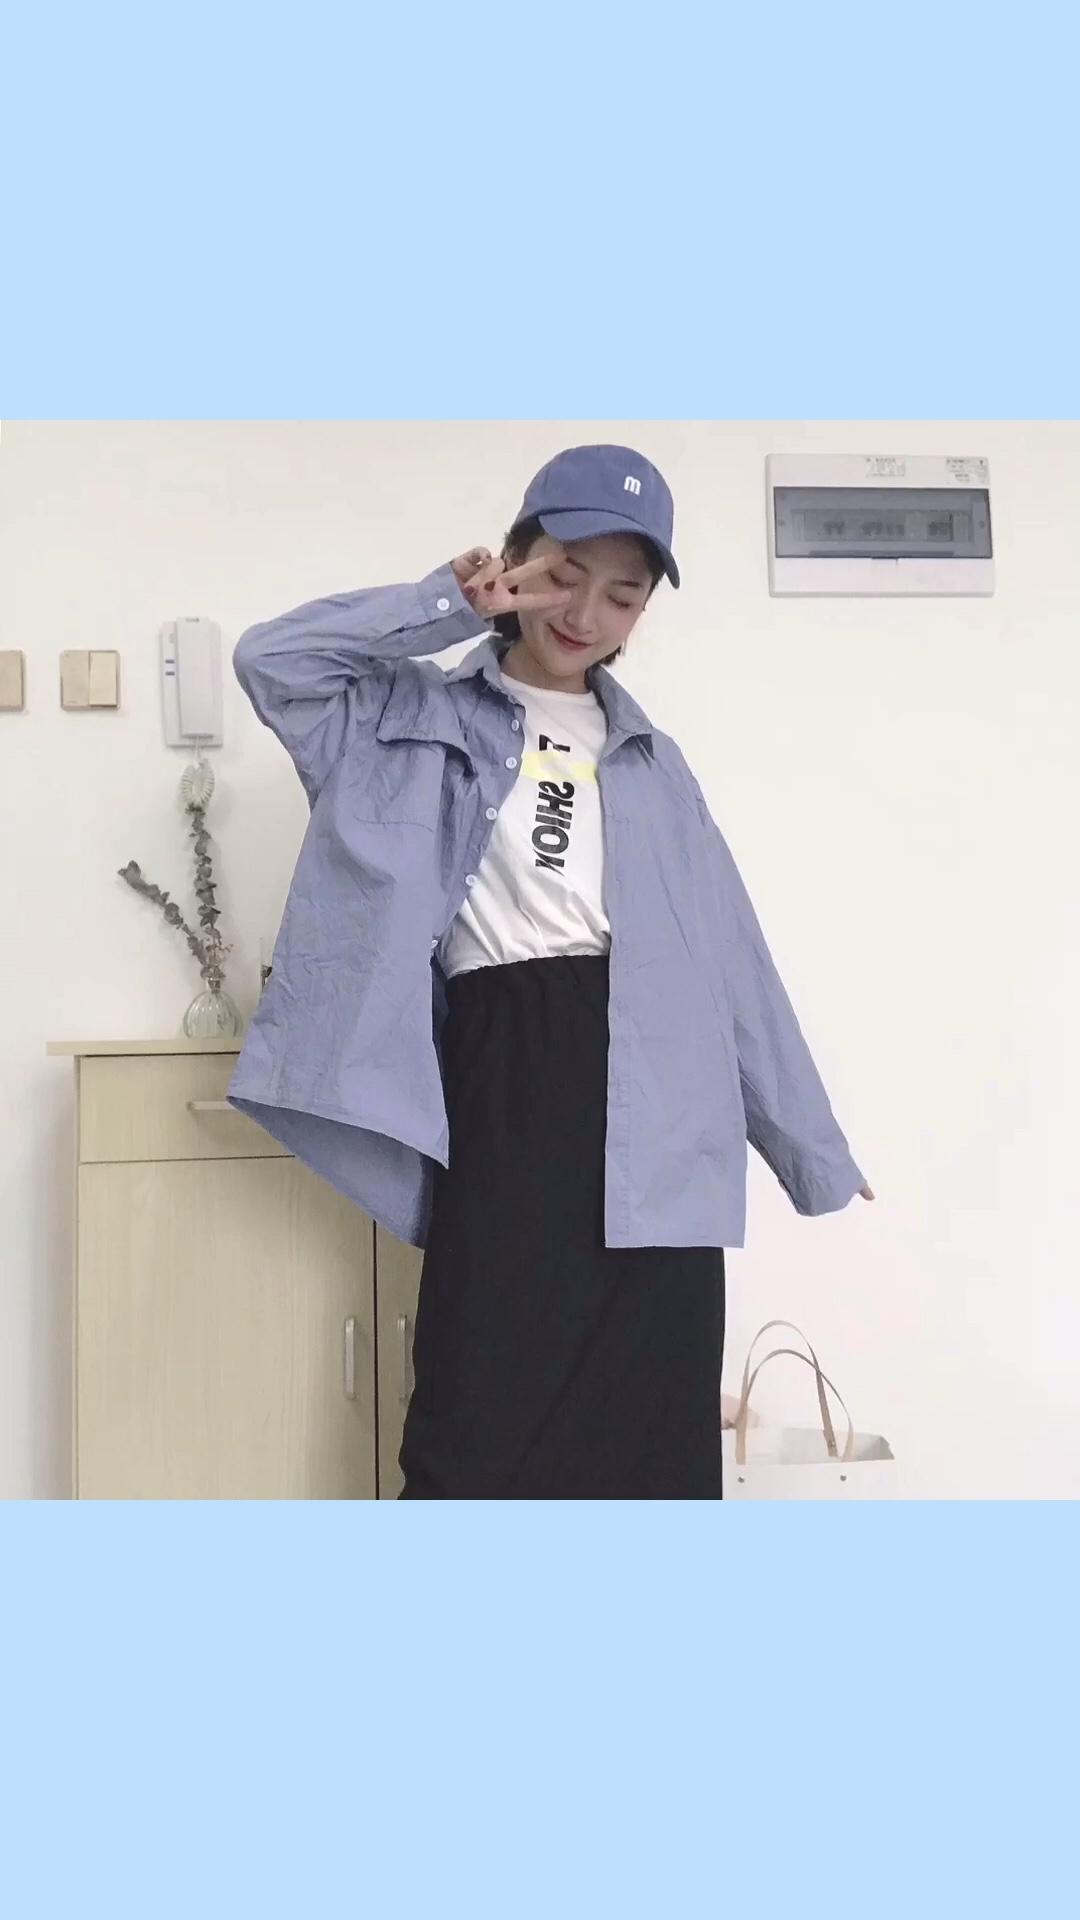 #2019早秋流行第一弹#蓝色衬衫搭配黑色开衩中长裙 遮肉哦 再搭配一个蓝色帽子 颜色呼应